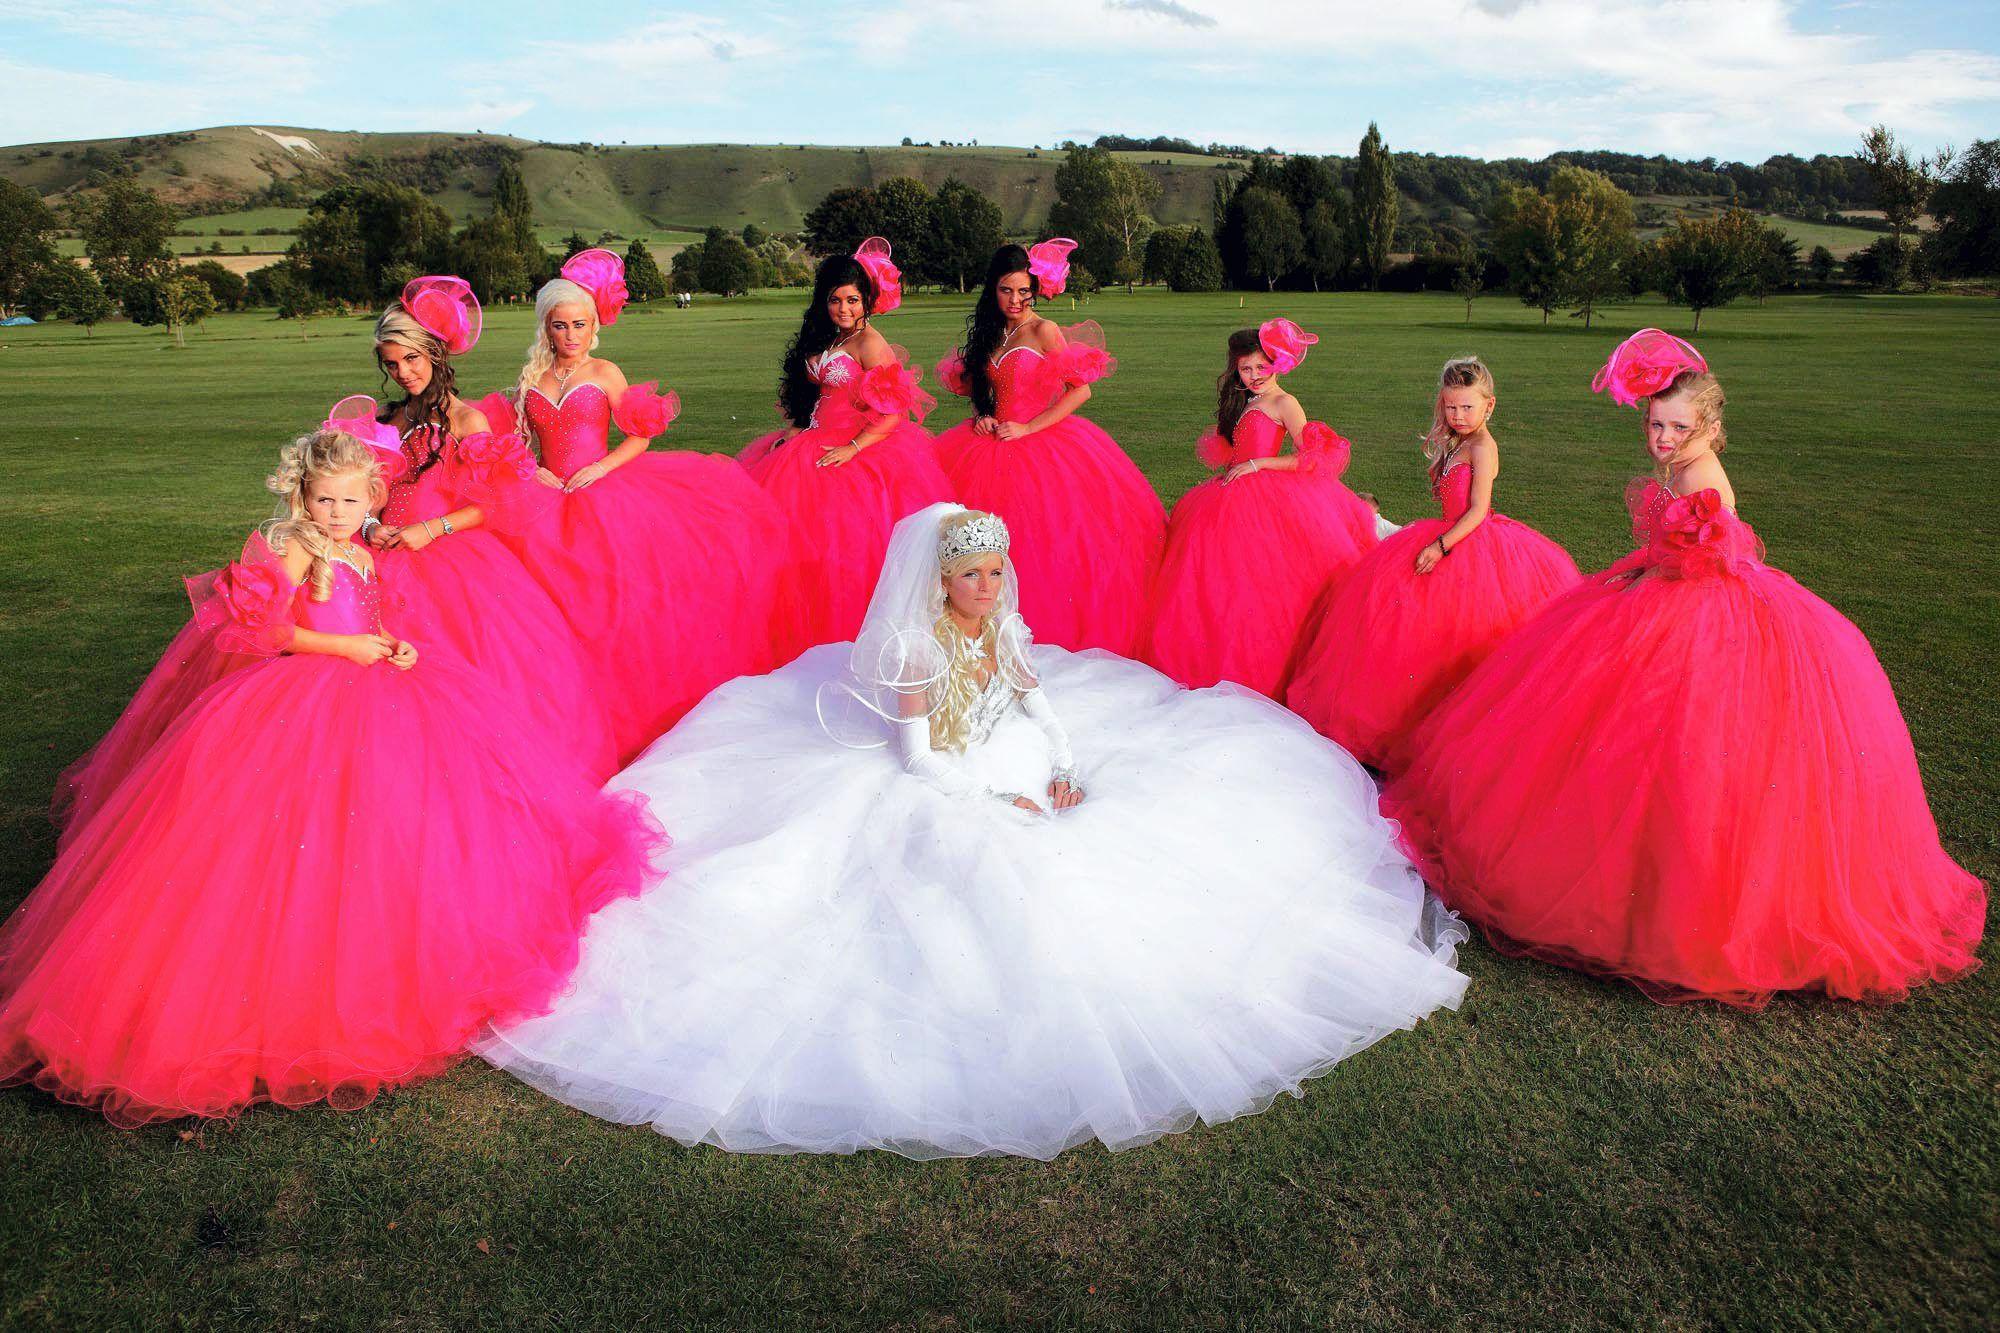 My big fat gypsy wedding tv show | It's a Kitsch, Kitschworld ...